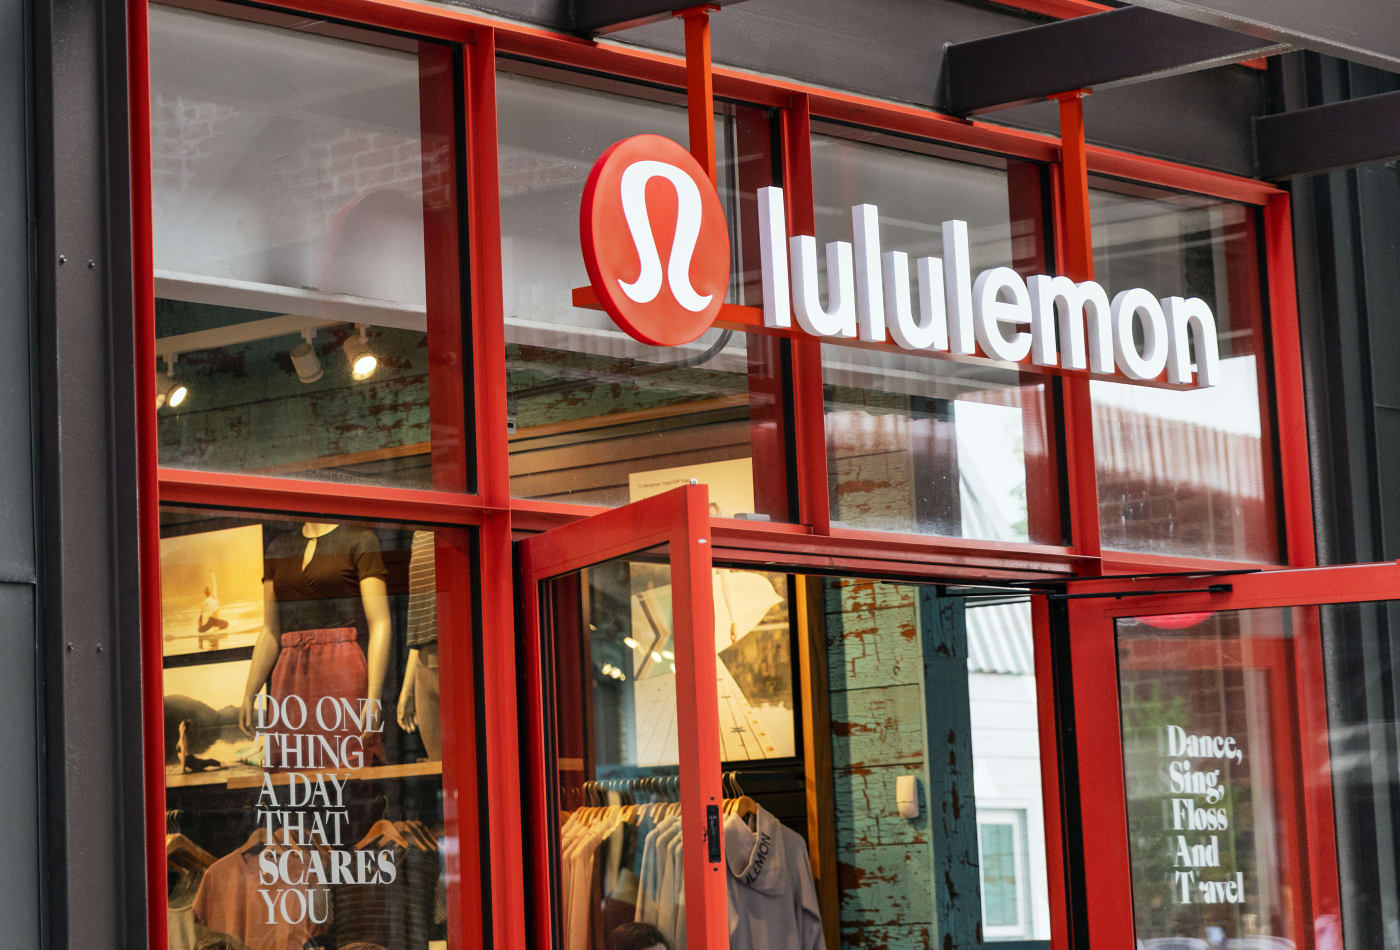 Hành trình từ một cửa hàng ở Canada tới hơn 460 cửa hàng trên toàn cầu của thương hiệu Lululemon - Ảnh 1.